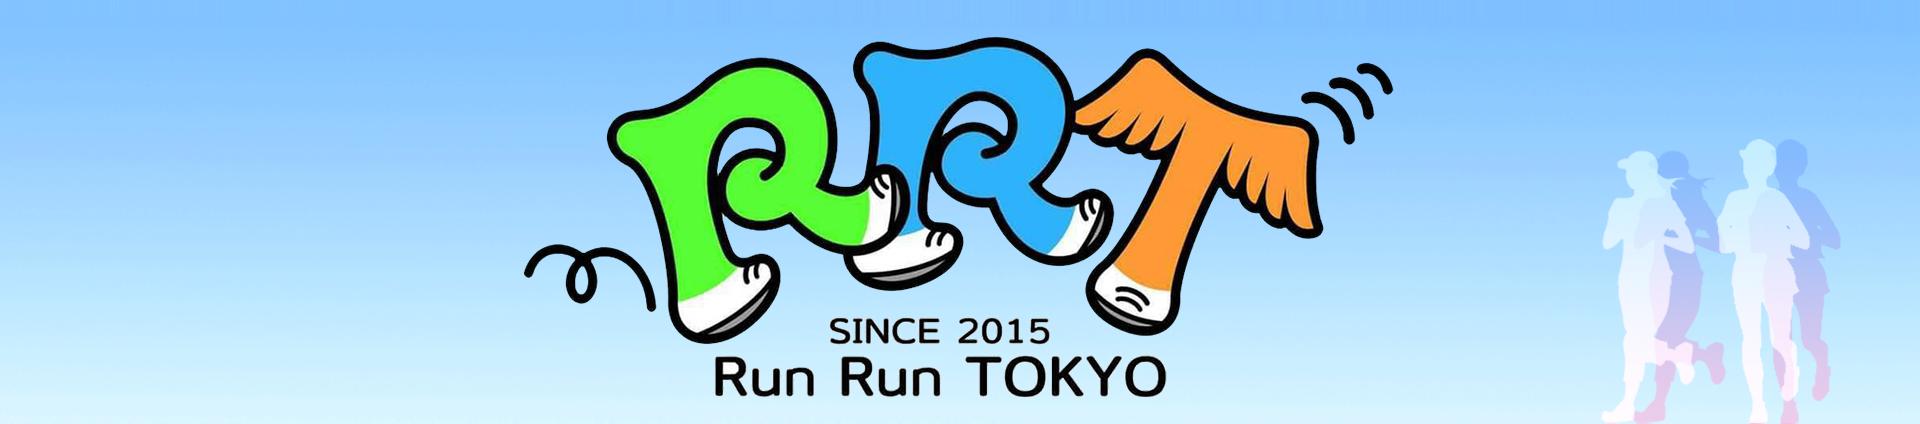 Run Run TOKYO